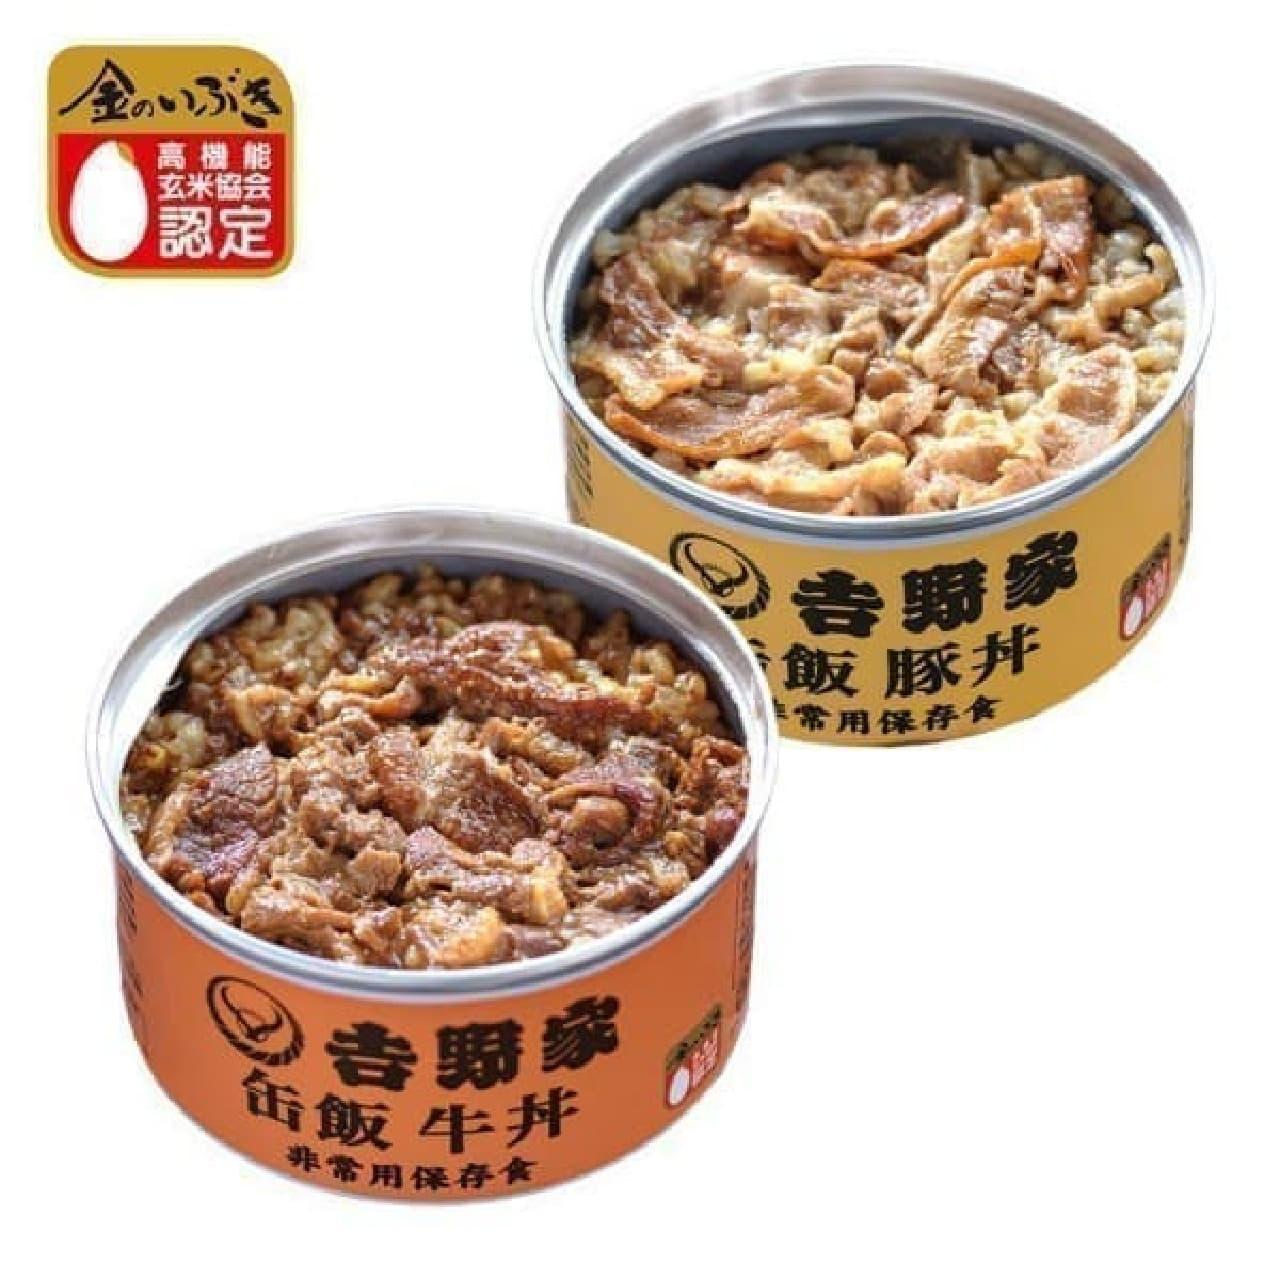 吉野家の牛丼缶詰